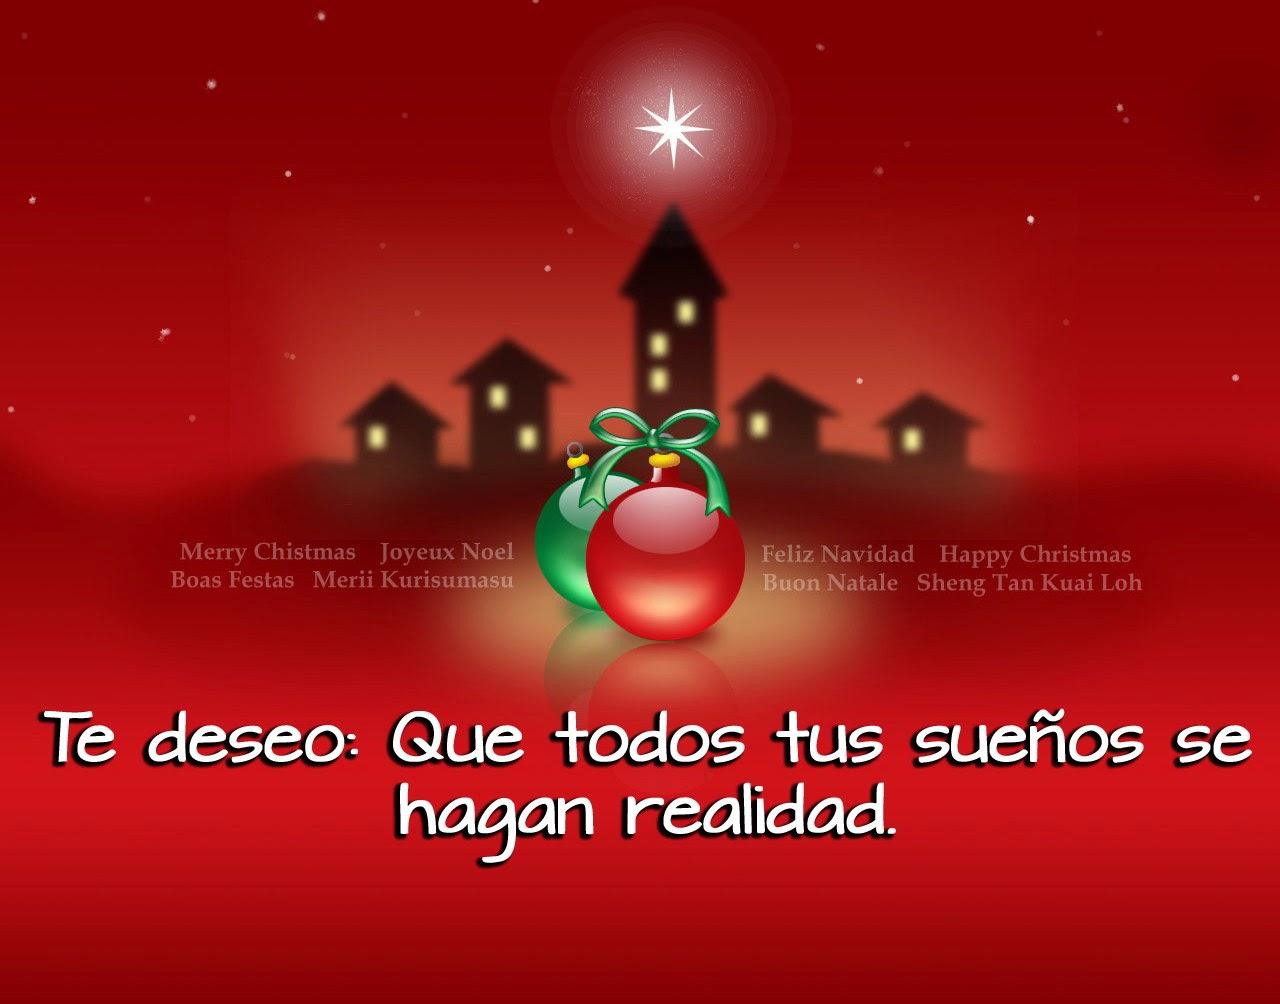 Deseos de navidad imagenes de navidad - Deseos de feliz navidad ...